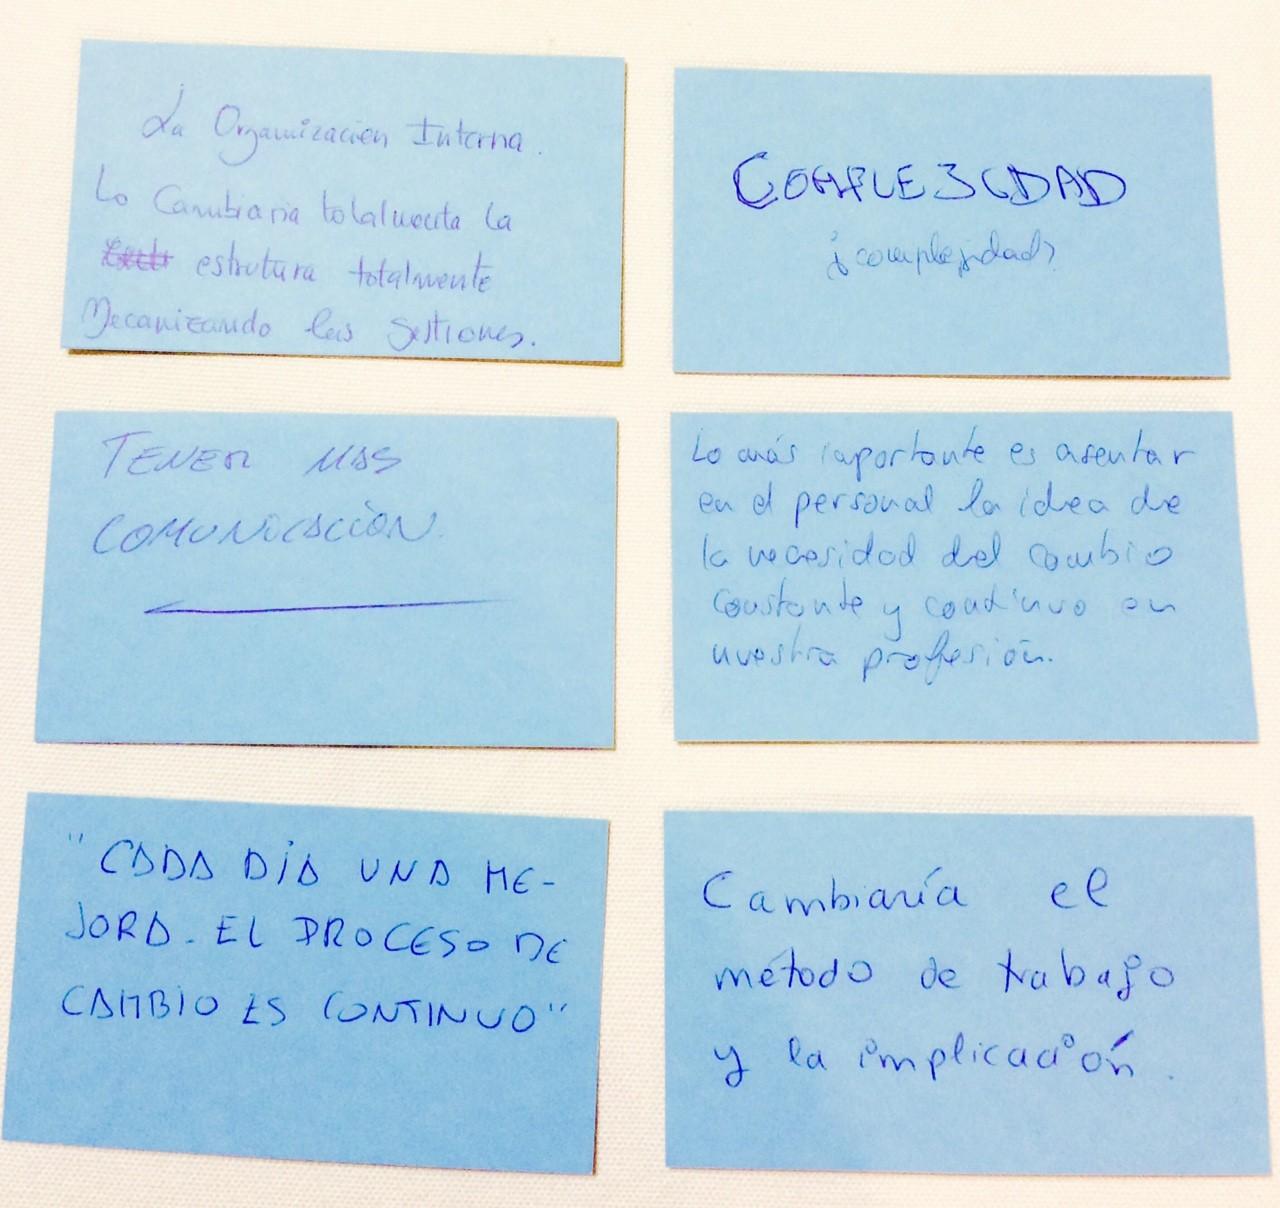 innovaciondespachos - gestion del cambio cuarta parte